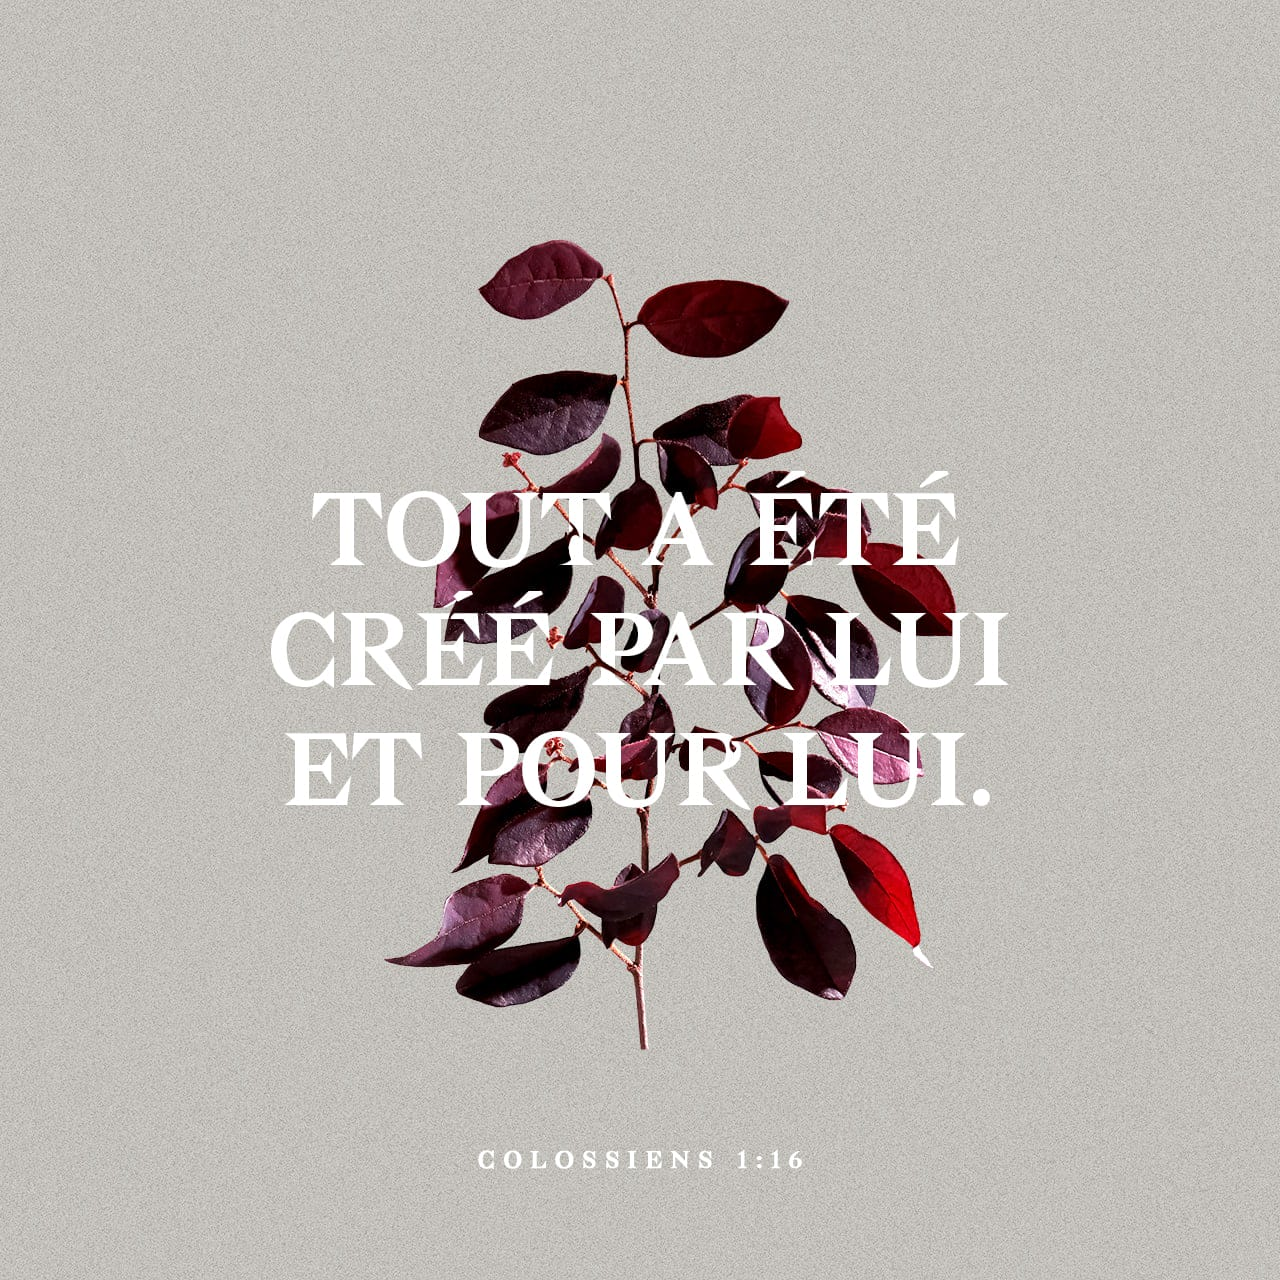 Lettre aux Colossiens 1:15-20 Le Christ est l'image du Dieu qu'on ne peut  voir. Il est le Fils premier-né au-dessus de toutes les choses créées. En  effet, c'est en lui que Dieu